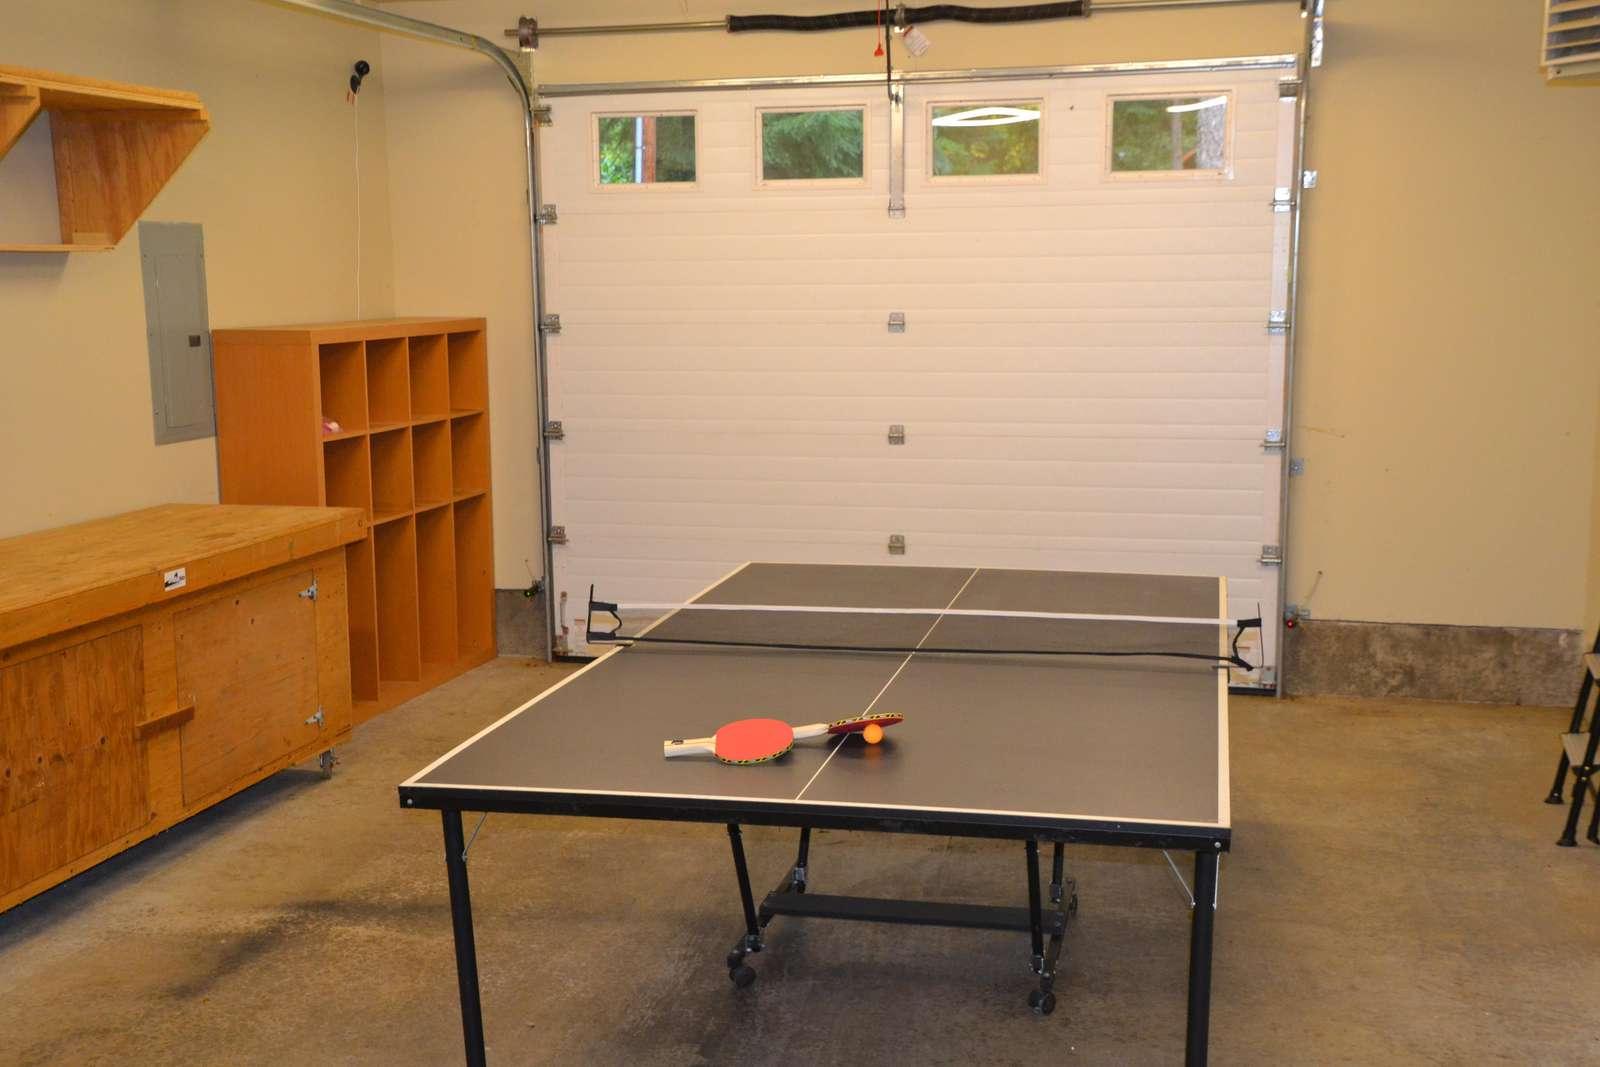 Ping Pong anyone?